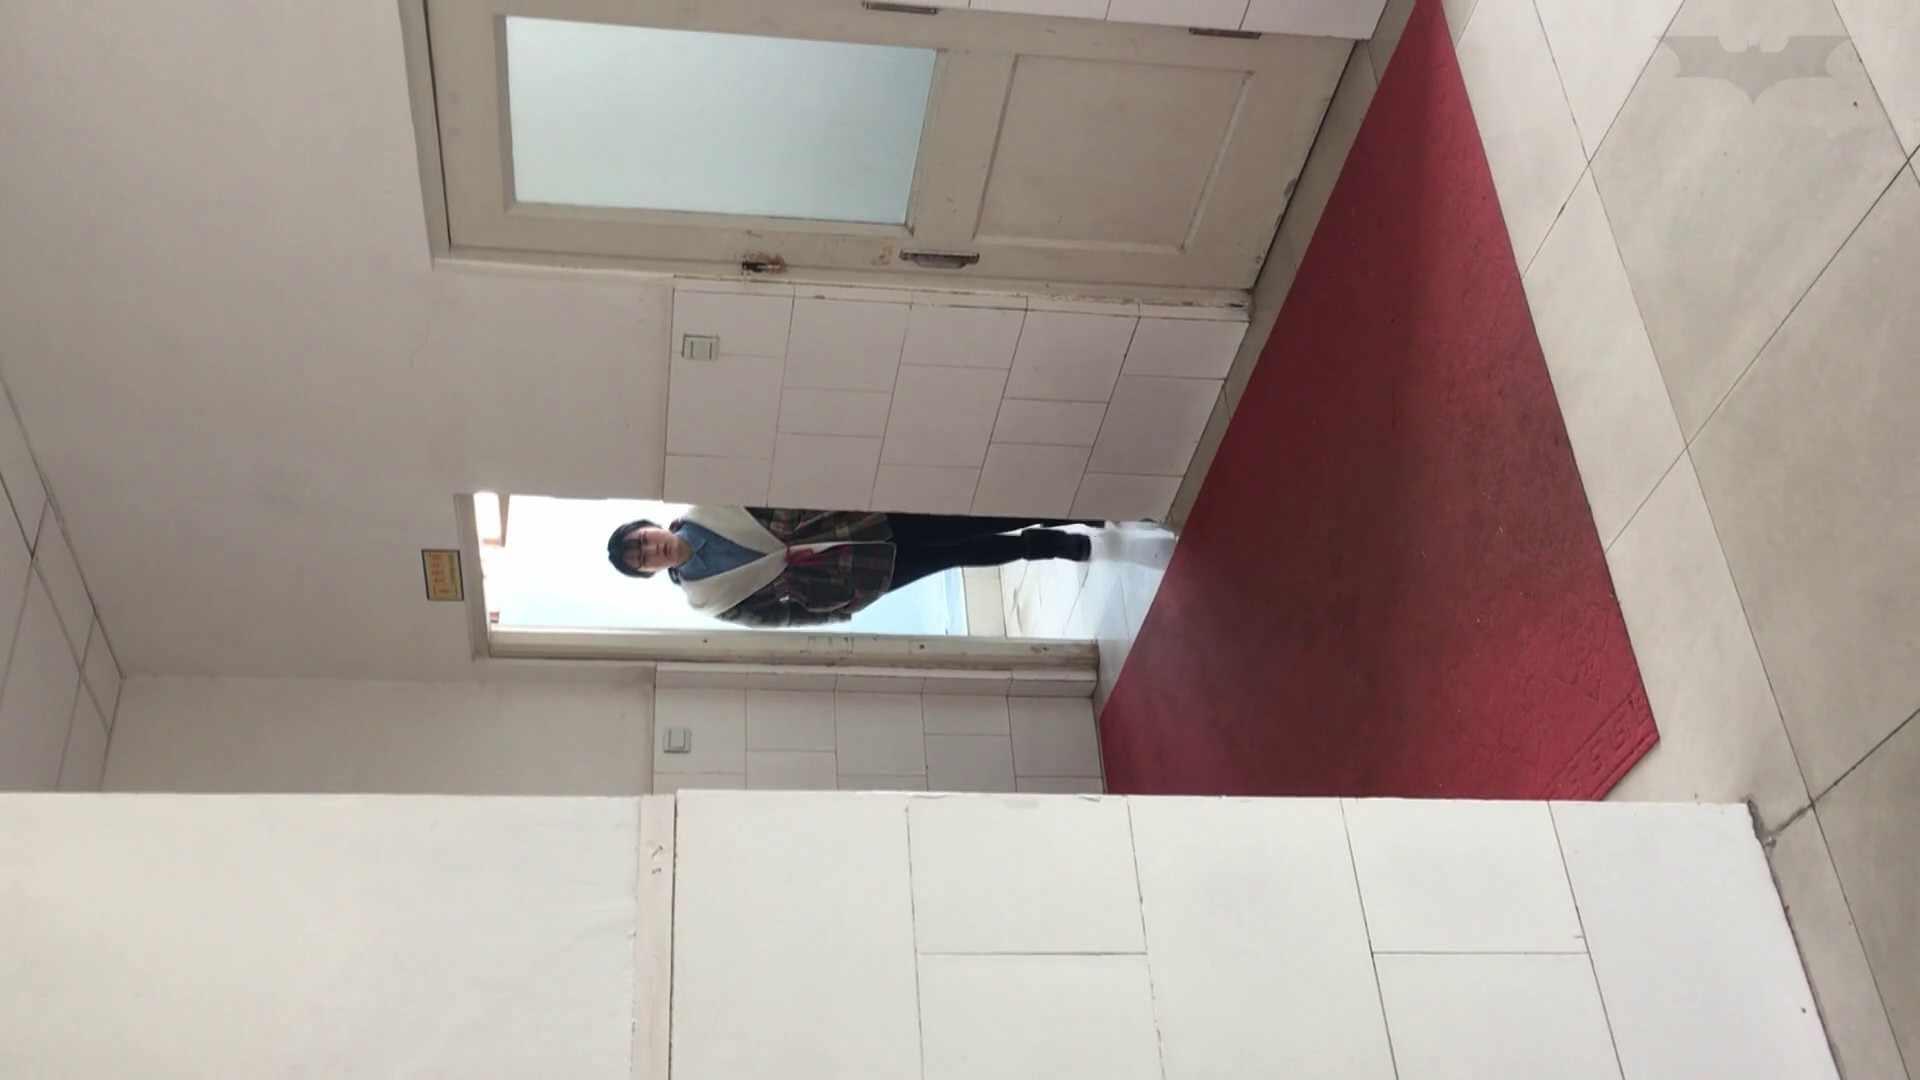 芸術大学ガチ潜入盗撮 JD盗撮 美女の洗面所の秘密 Vol.91 トイレ  84pic 36